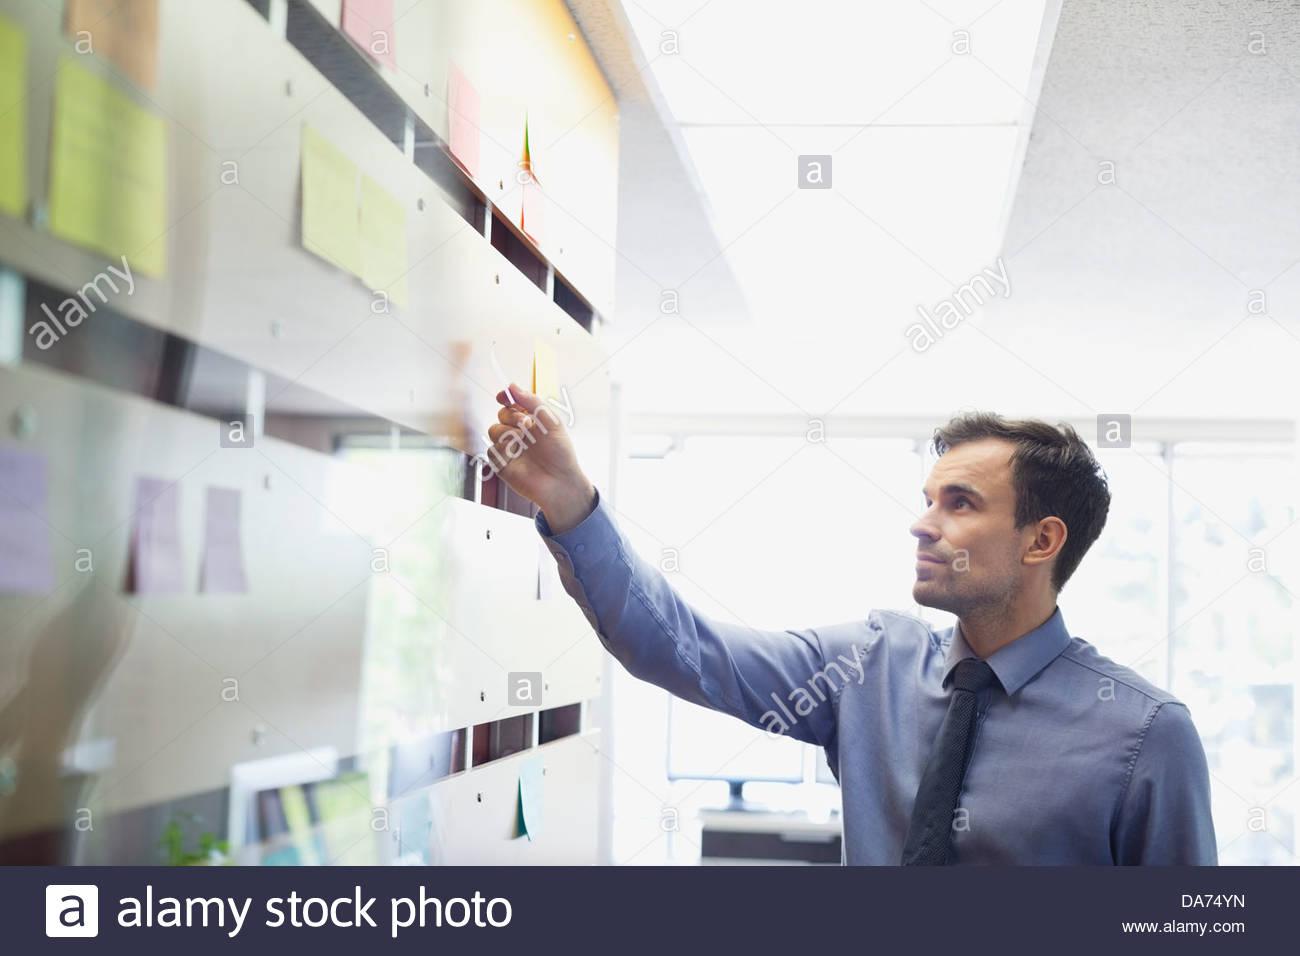 Imprenditore mettendo una nota adesiva sulla parete Immagini Stock